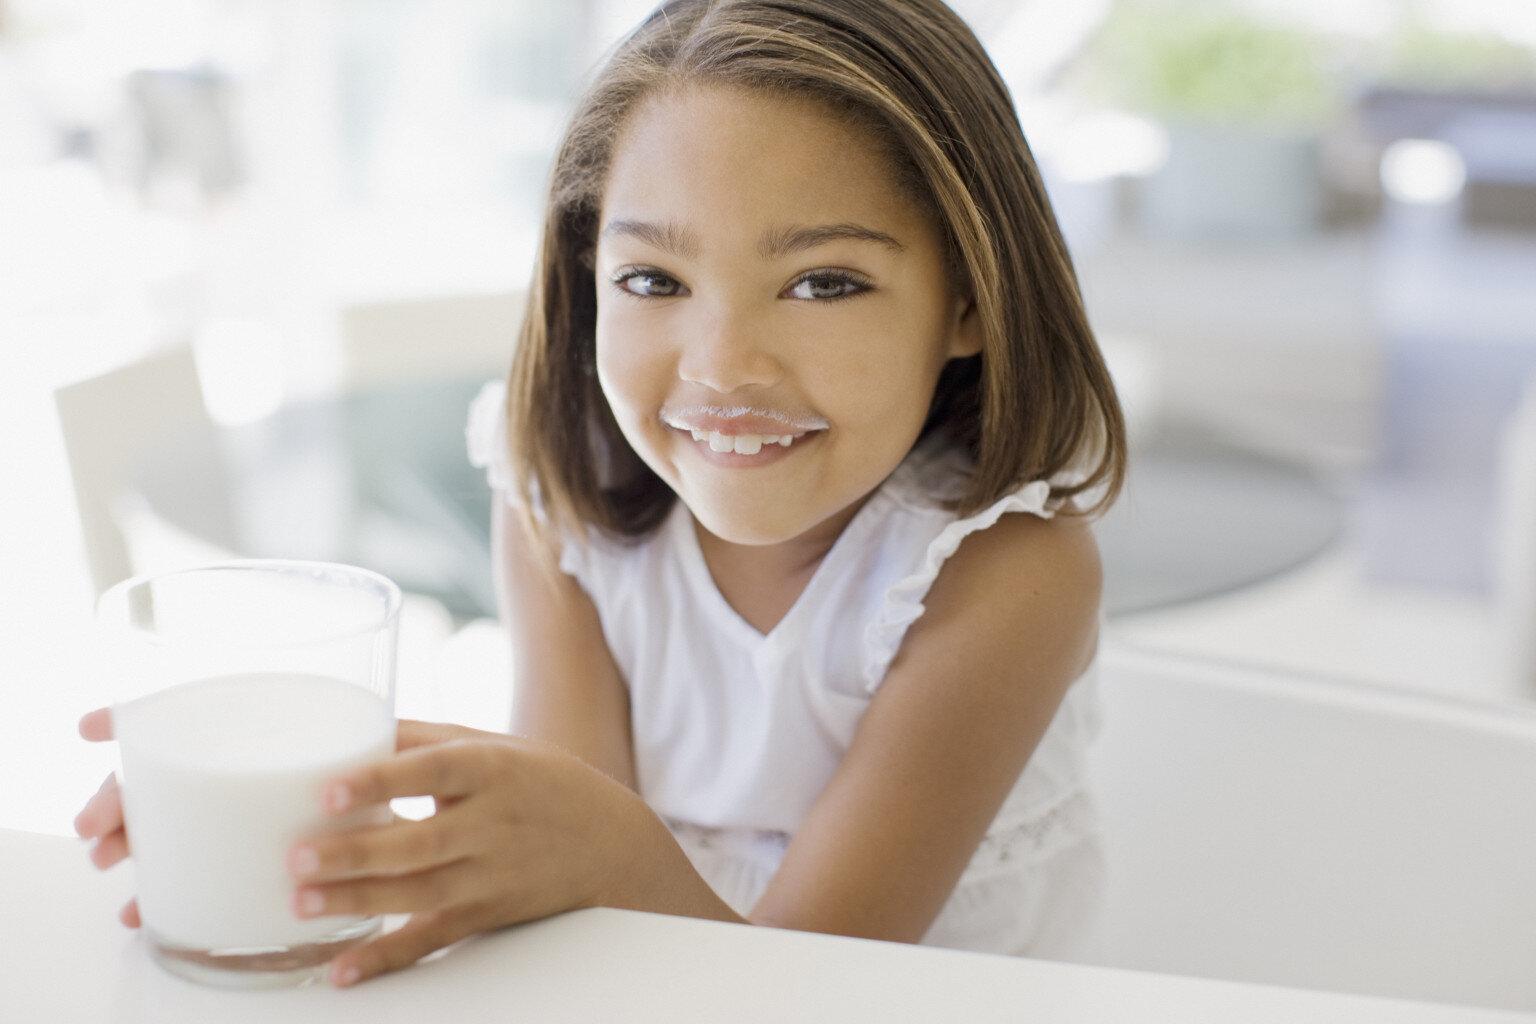 Bổ sung dưỡng chất cho trẻ bằng cách bổ sung thêm các loại sữa giúp bé tăng trưởng toàn diện